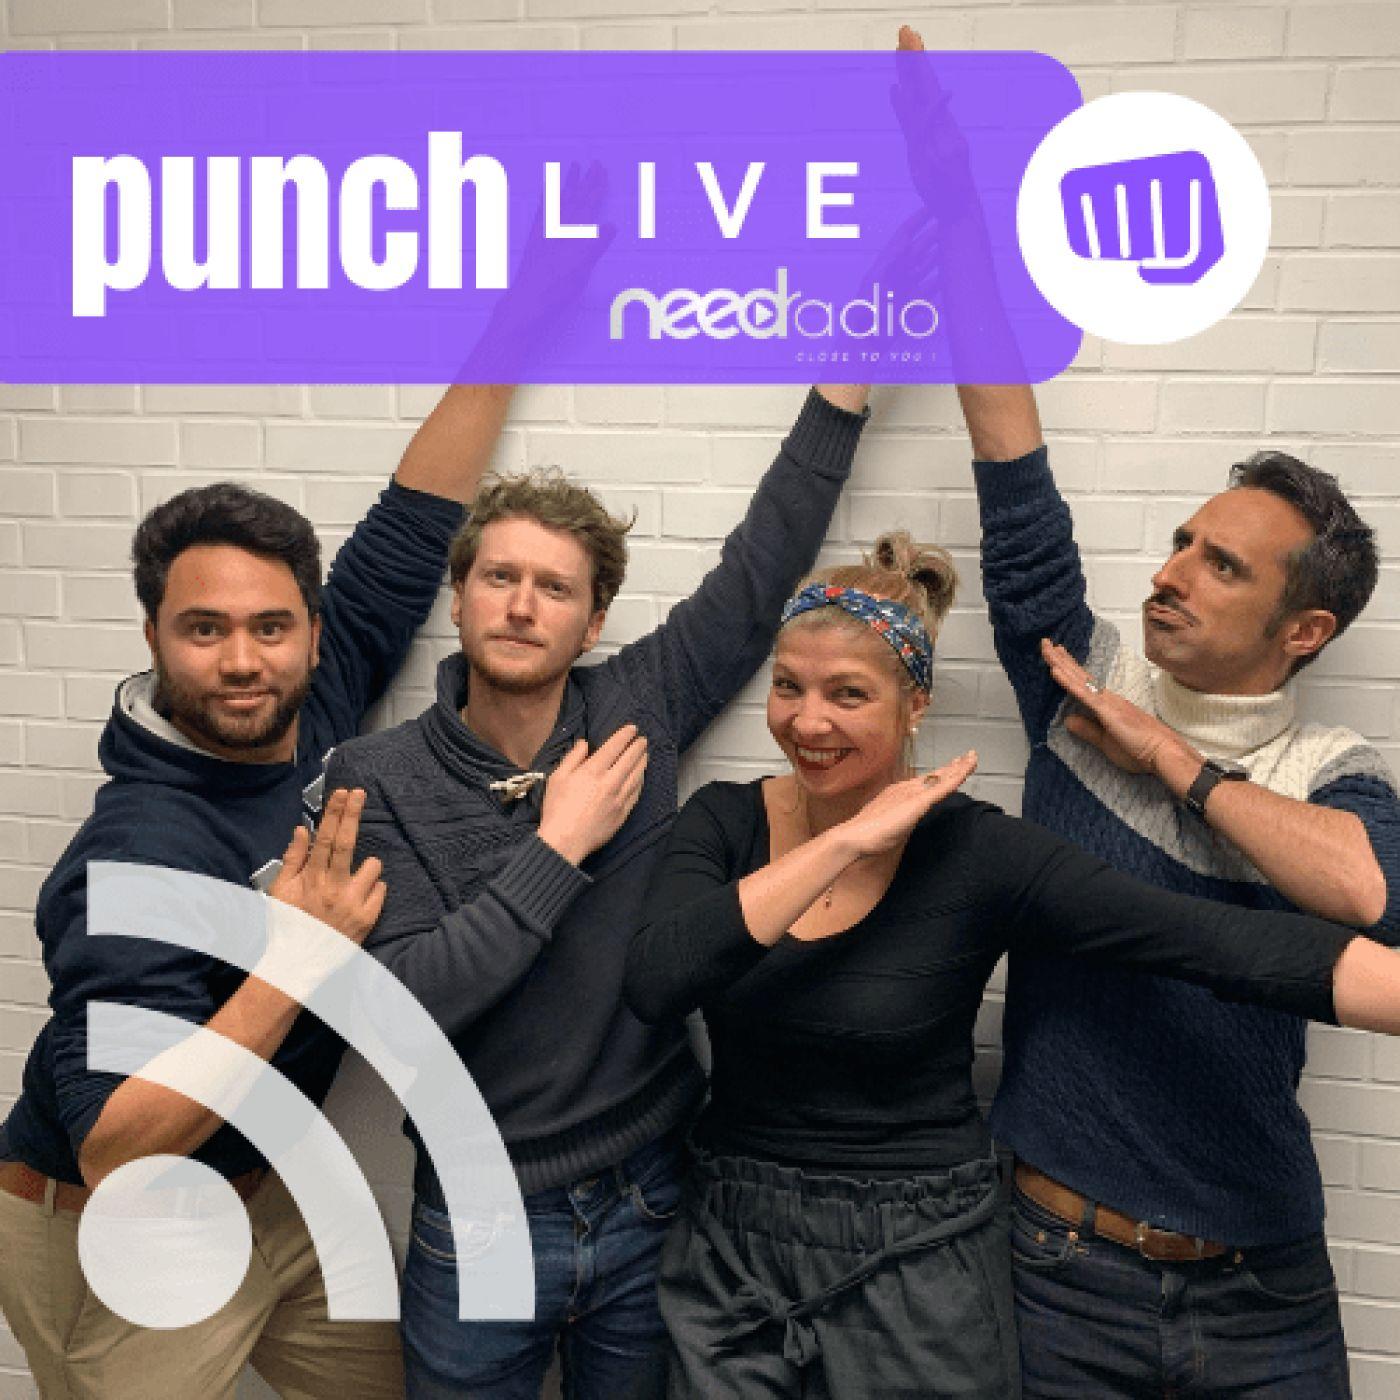 Punch Live - La dernière de la saison (avec Quentin et son équipe) (24/06/19)